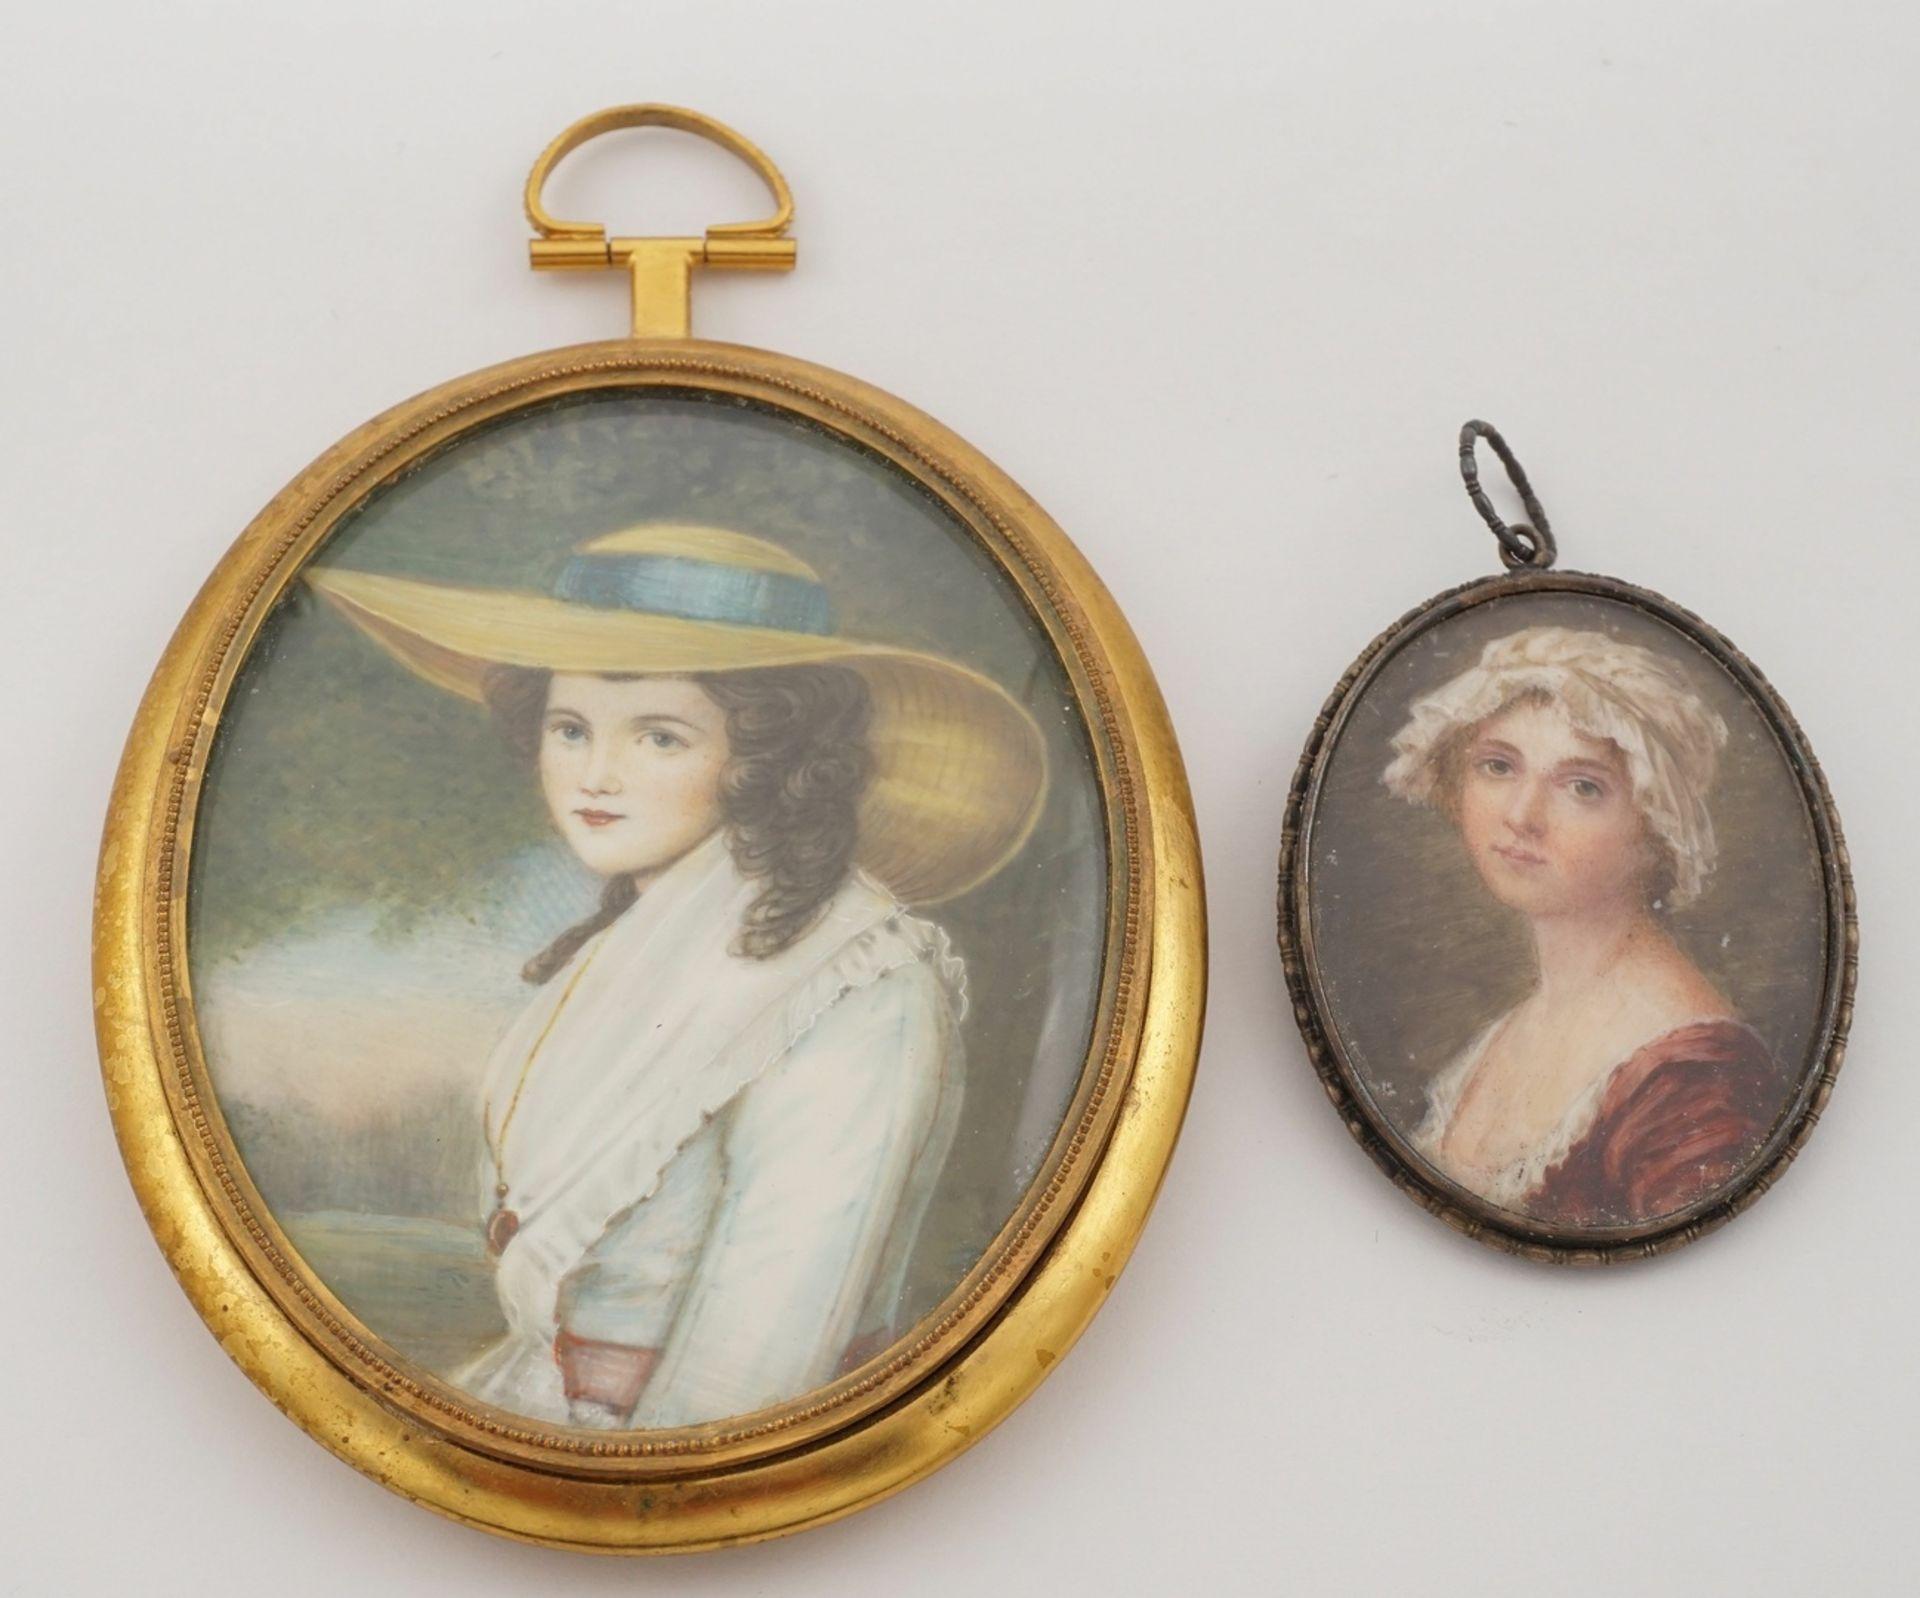 Miniatur-Portrait und -Brosche